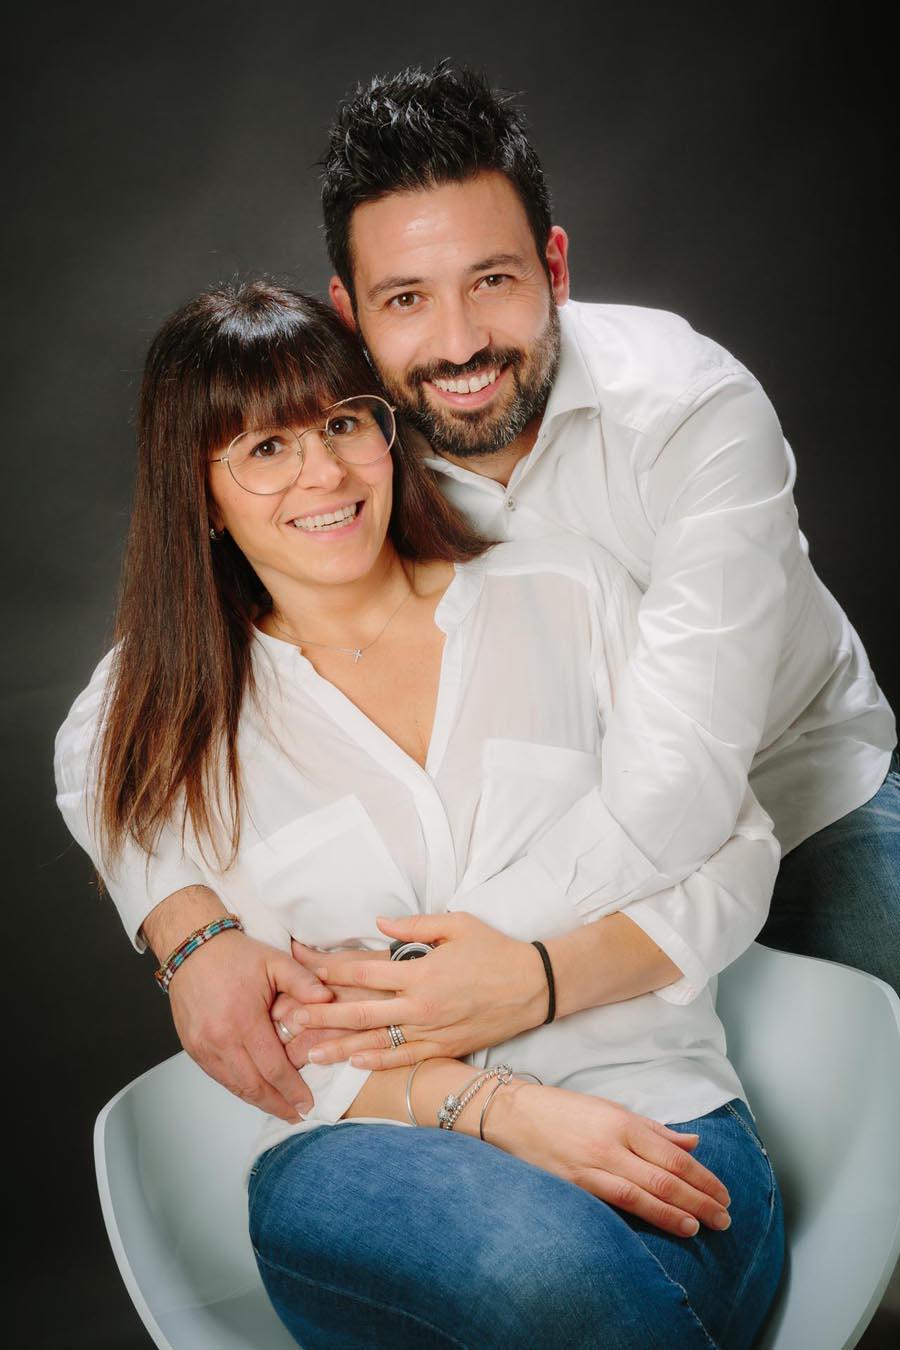 Renato Zanette Fotografo_Vittorio Veneto_shooting_studio_famiglia_amore_felicità_storytelling